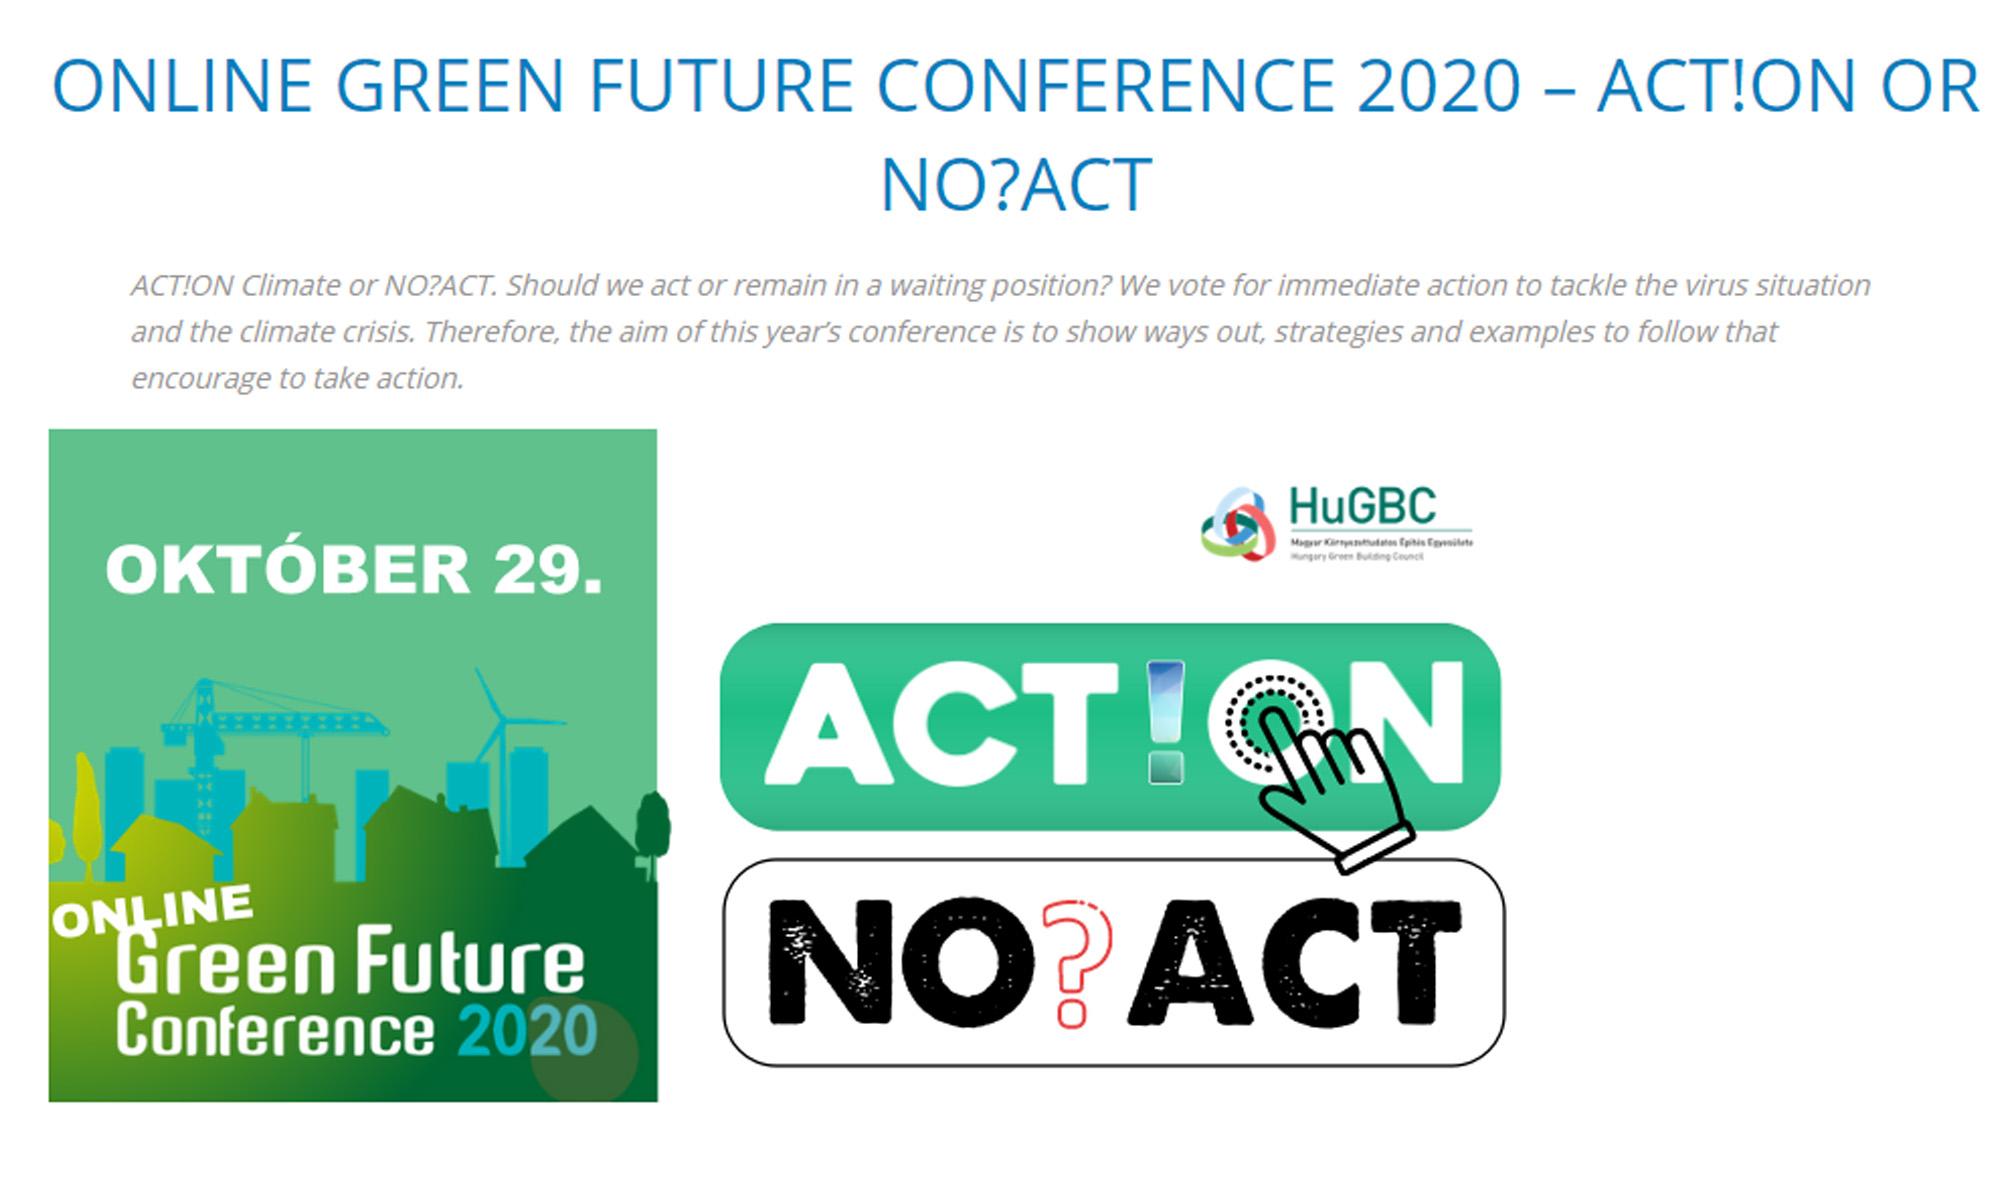 Zúčastněte se Online konference o zelených budovách green future: příklady z Holandska